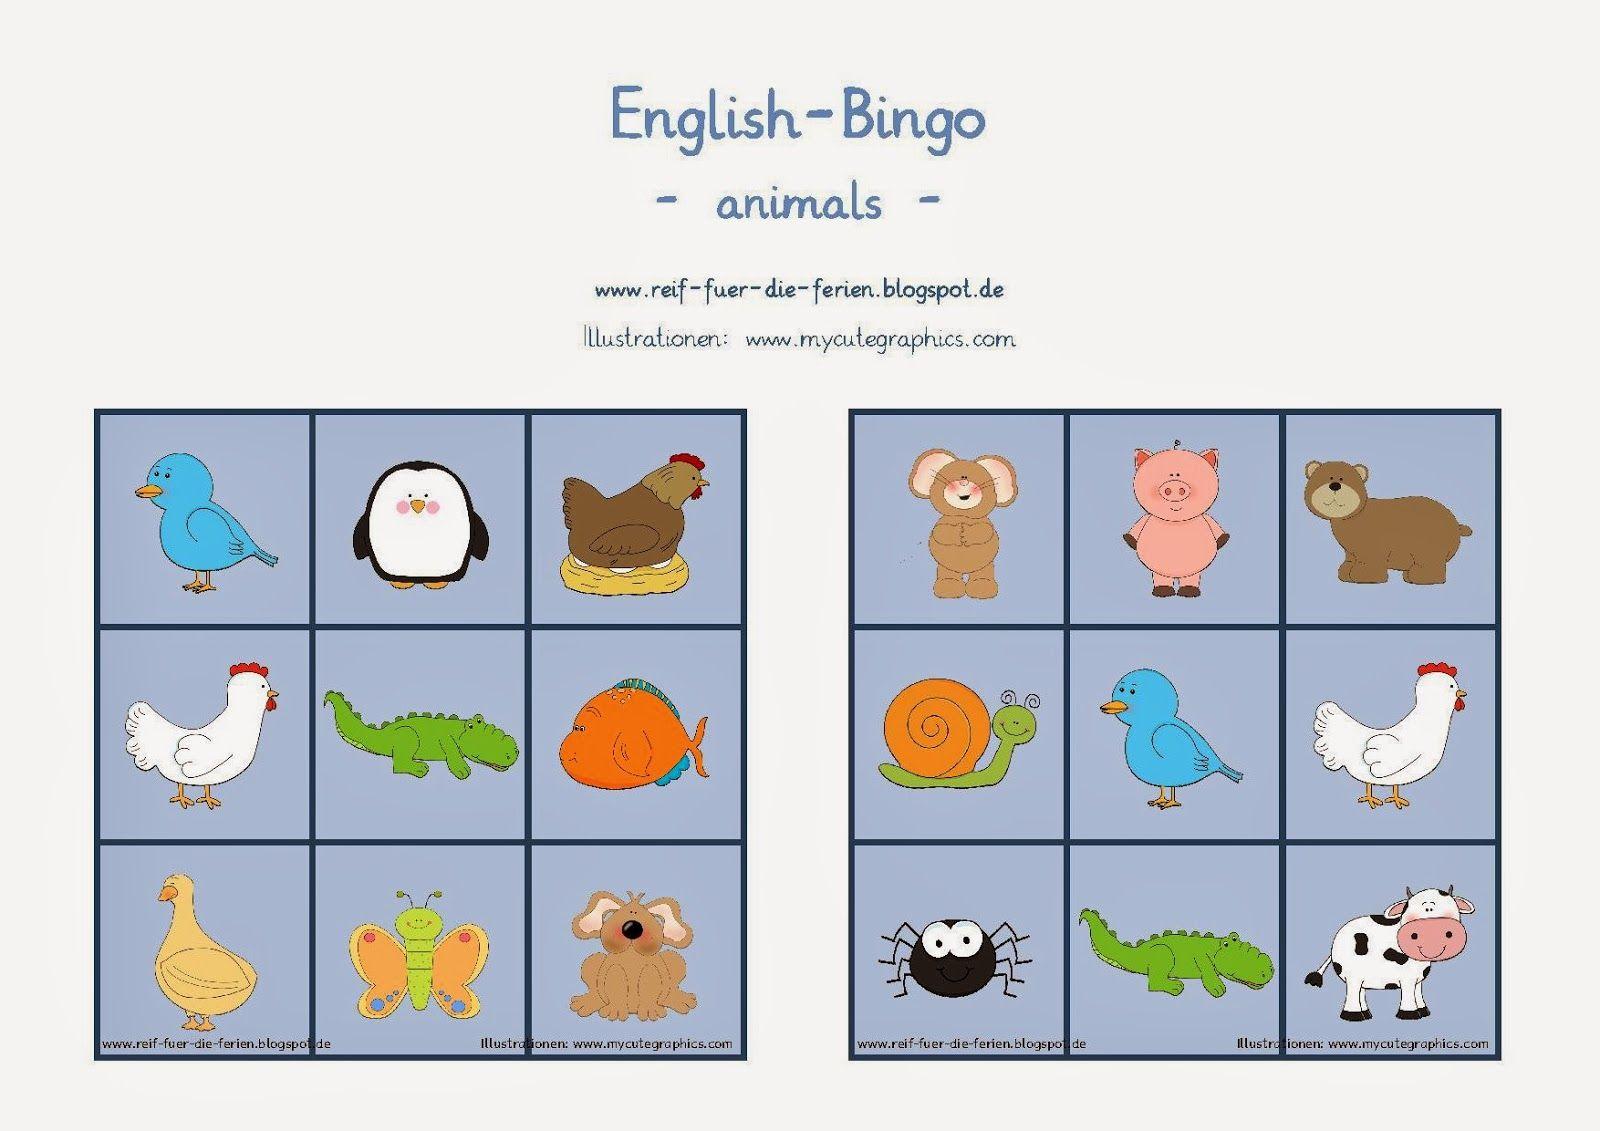 reif f r die ferien englisch bingo zum thema animals englischunterricht grundschule english. Black Bedroom Furniture Sets. Home Design Ideas